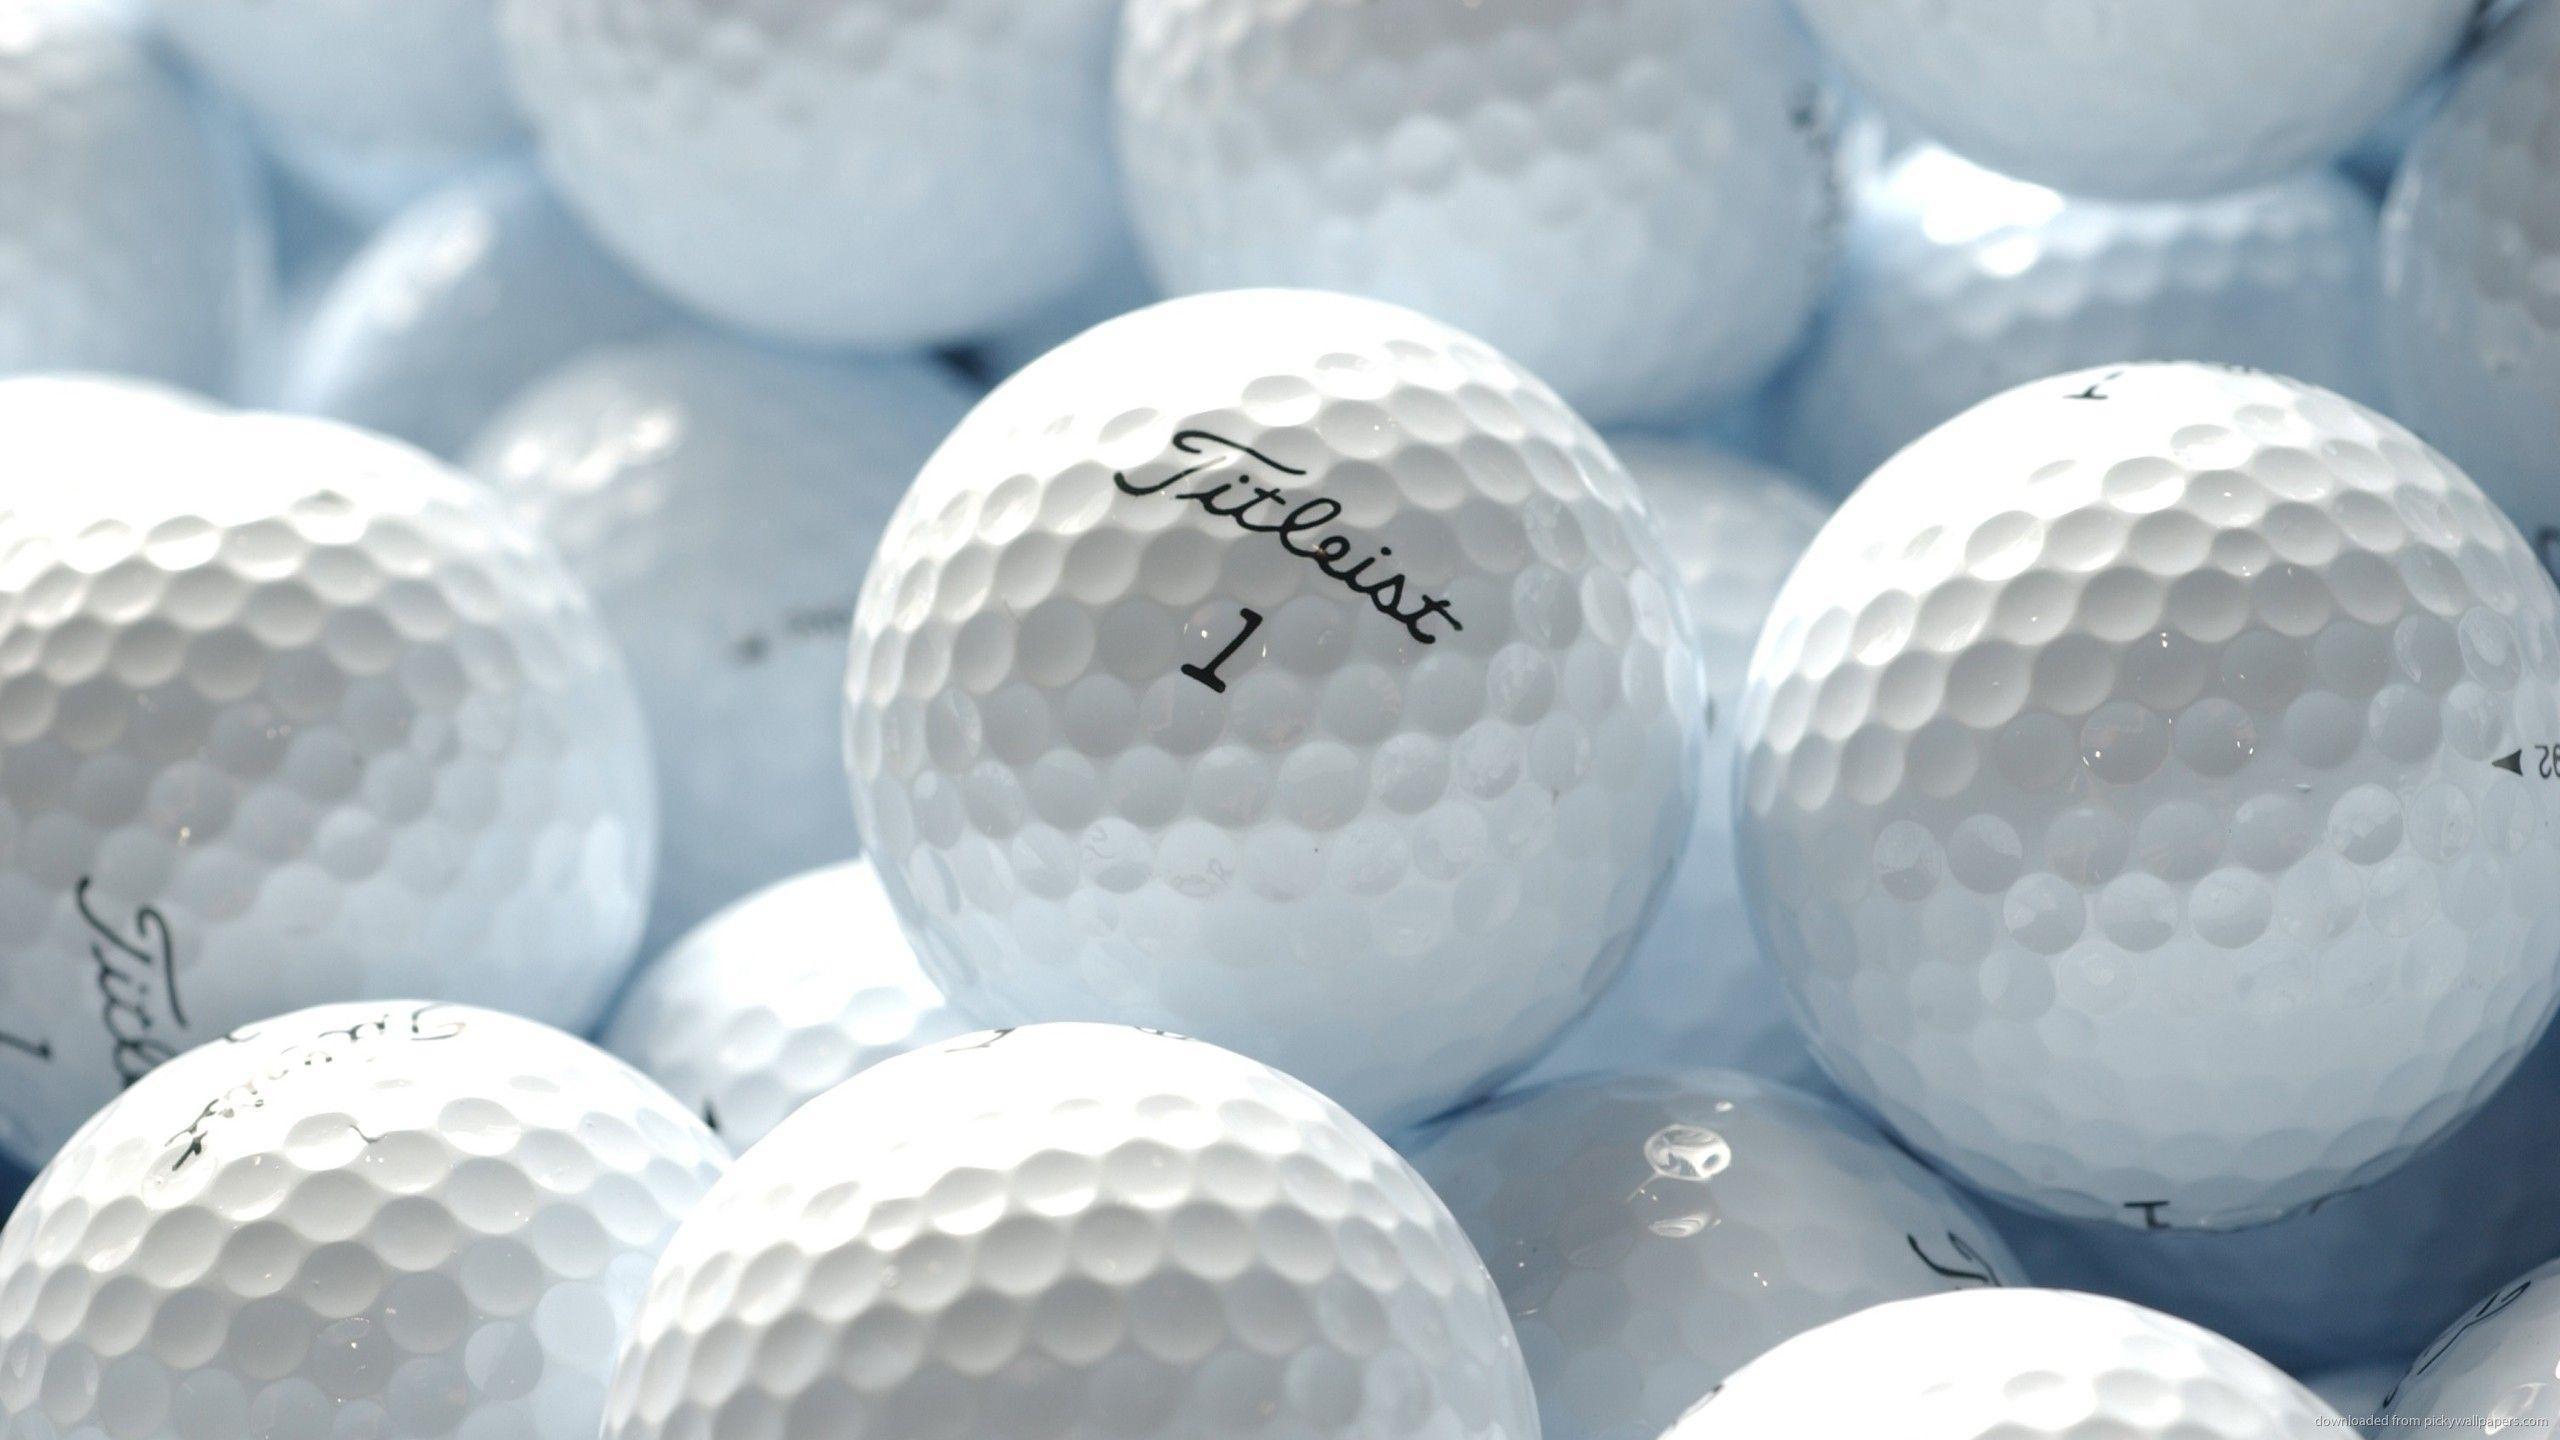 Titleist Wallpapers - Wallpaper Cave Golf Balls